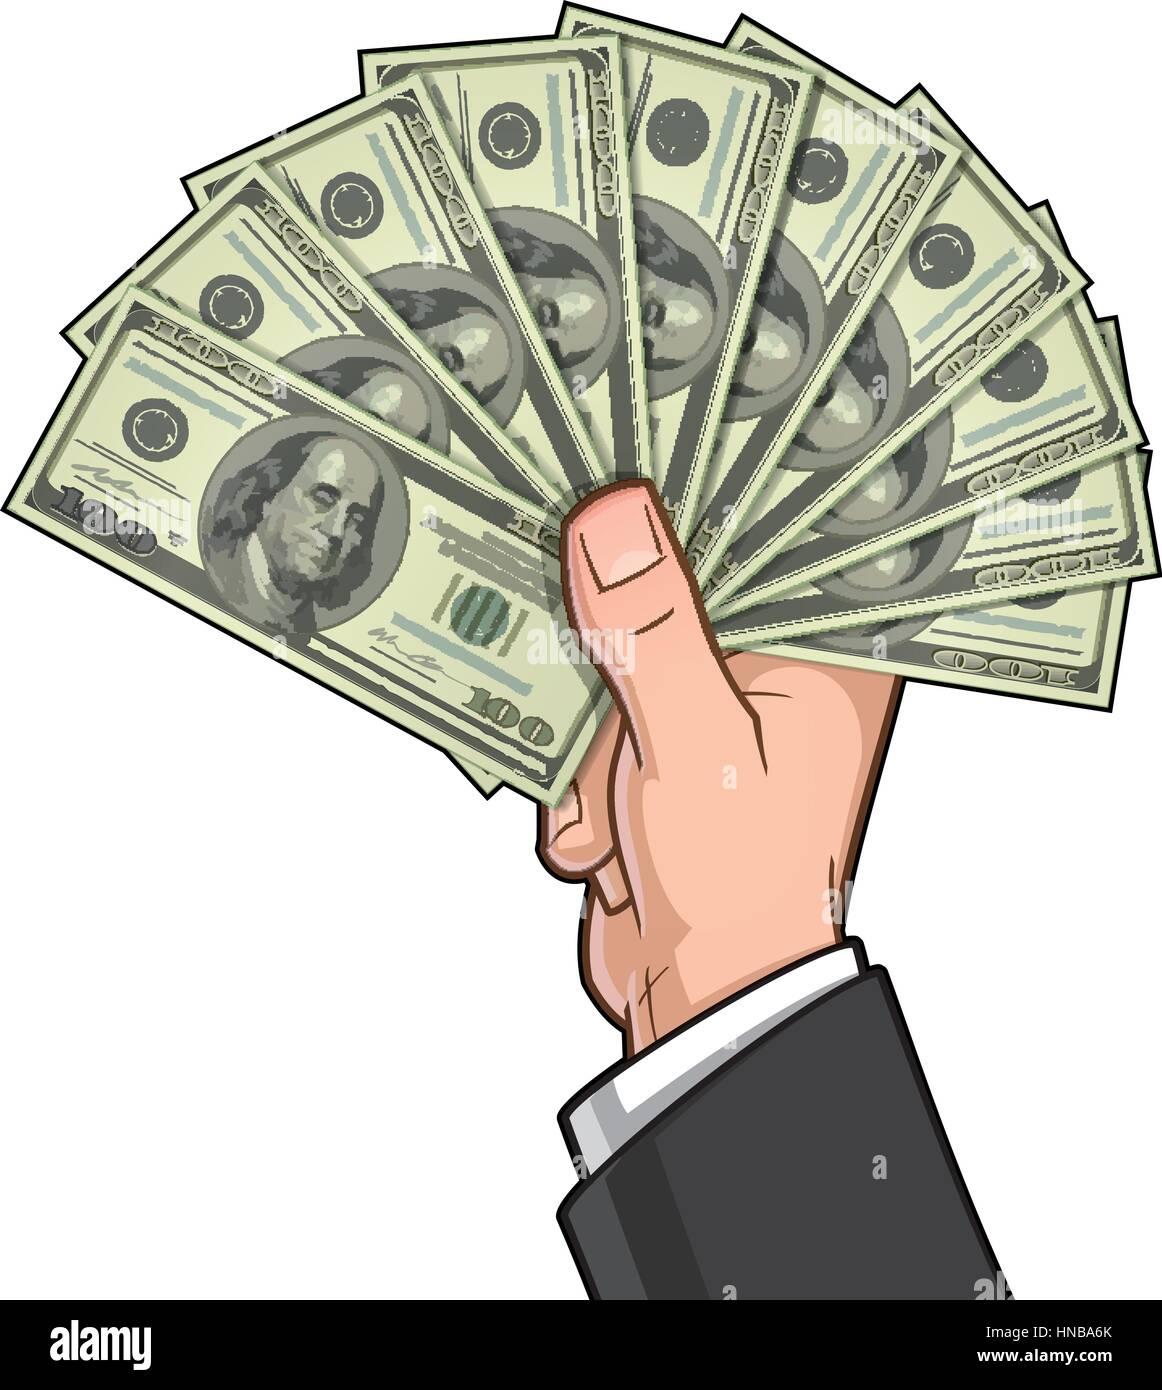 Vector illustration of a businessman's hand holding ten hundred-dollar bills. - Stock Vector